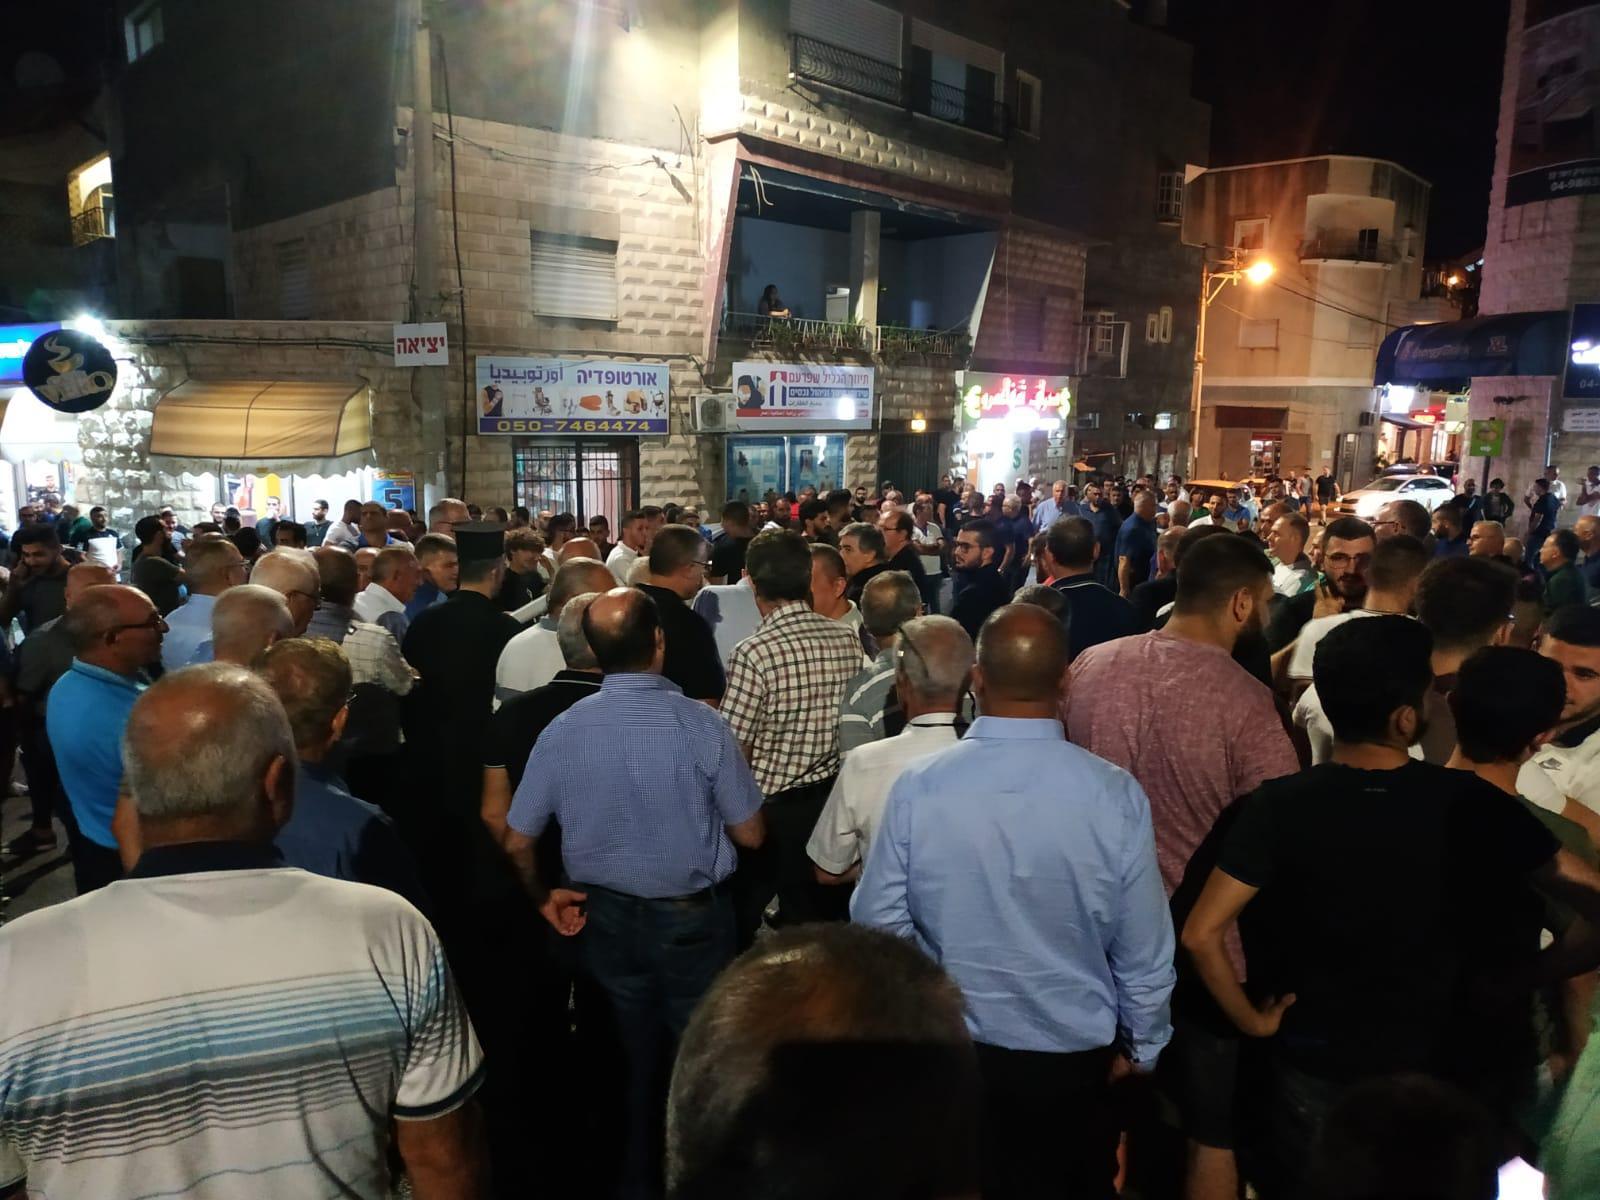 تظاهرة تجوب أحياء شفاعمرو رفضا للجريمة وتواطؤ الشرطة